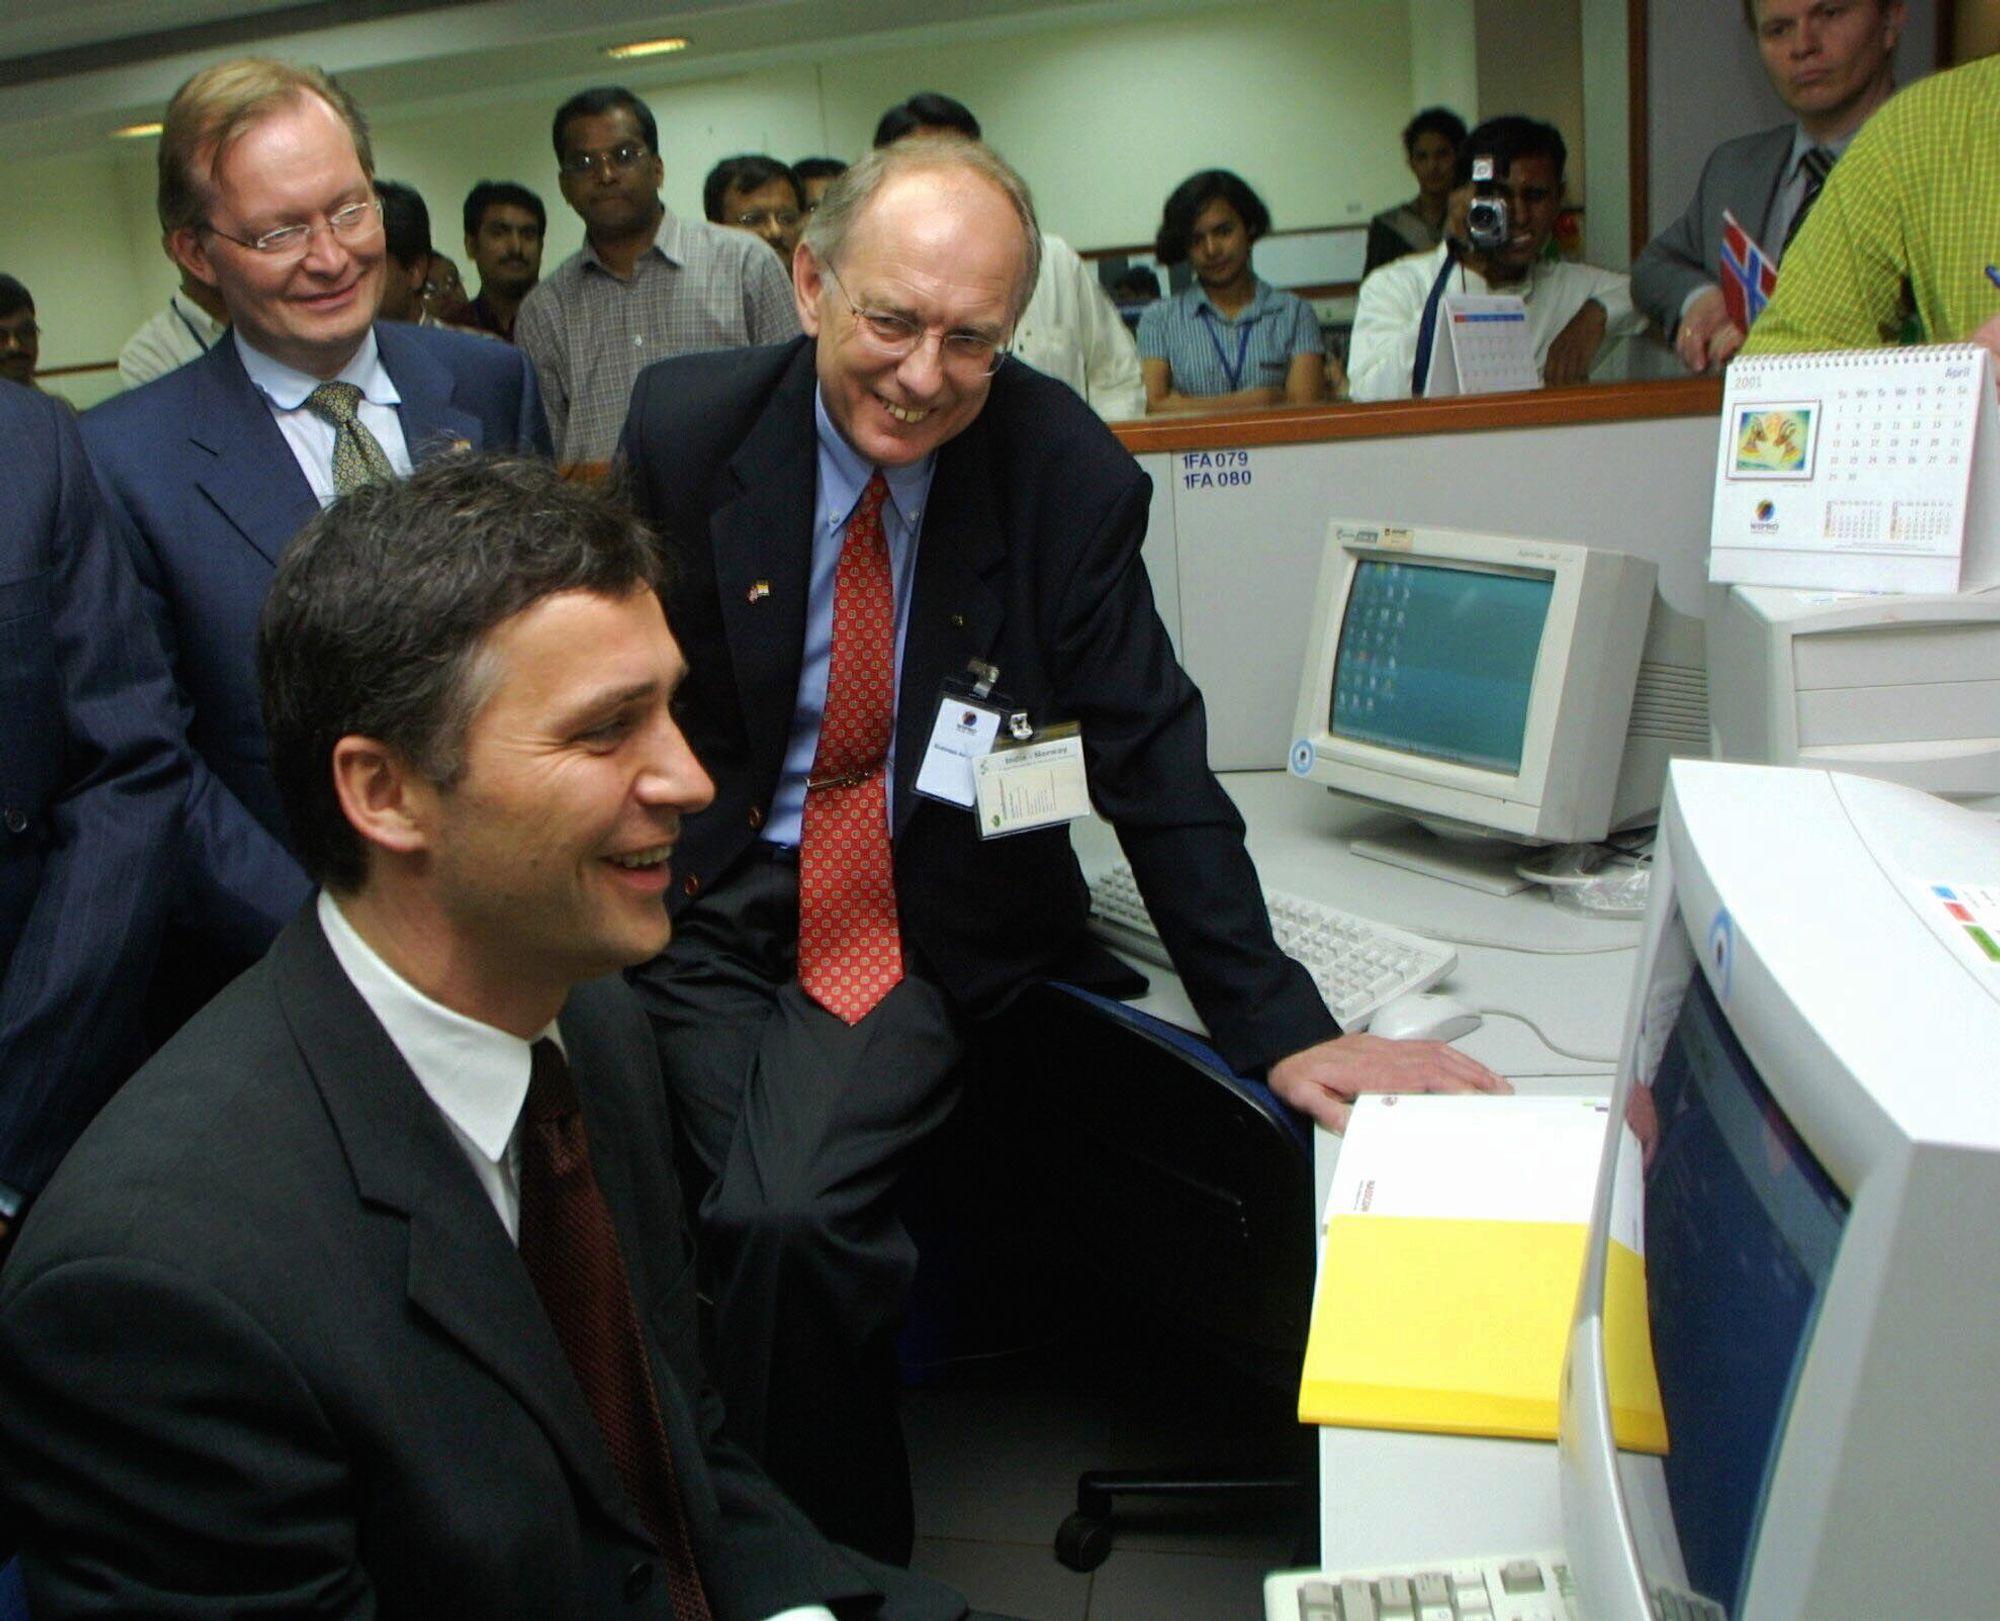 I 2001 valgte Skatterdirektoratet å sette bort endel av sin IT-virksomhet til Wipro Technologies i Banglore, India. Her viste daværende seksjonsjef i Skattedirektoratet, Karl Olav Wroldsen, hvordan det fungerte i praksis, mens daværende statsminister Jens Stoltenberg så på.